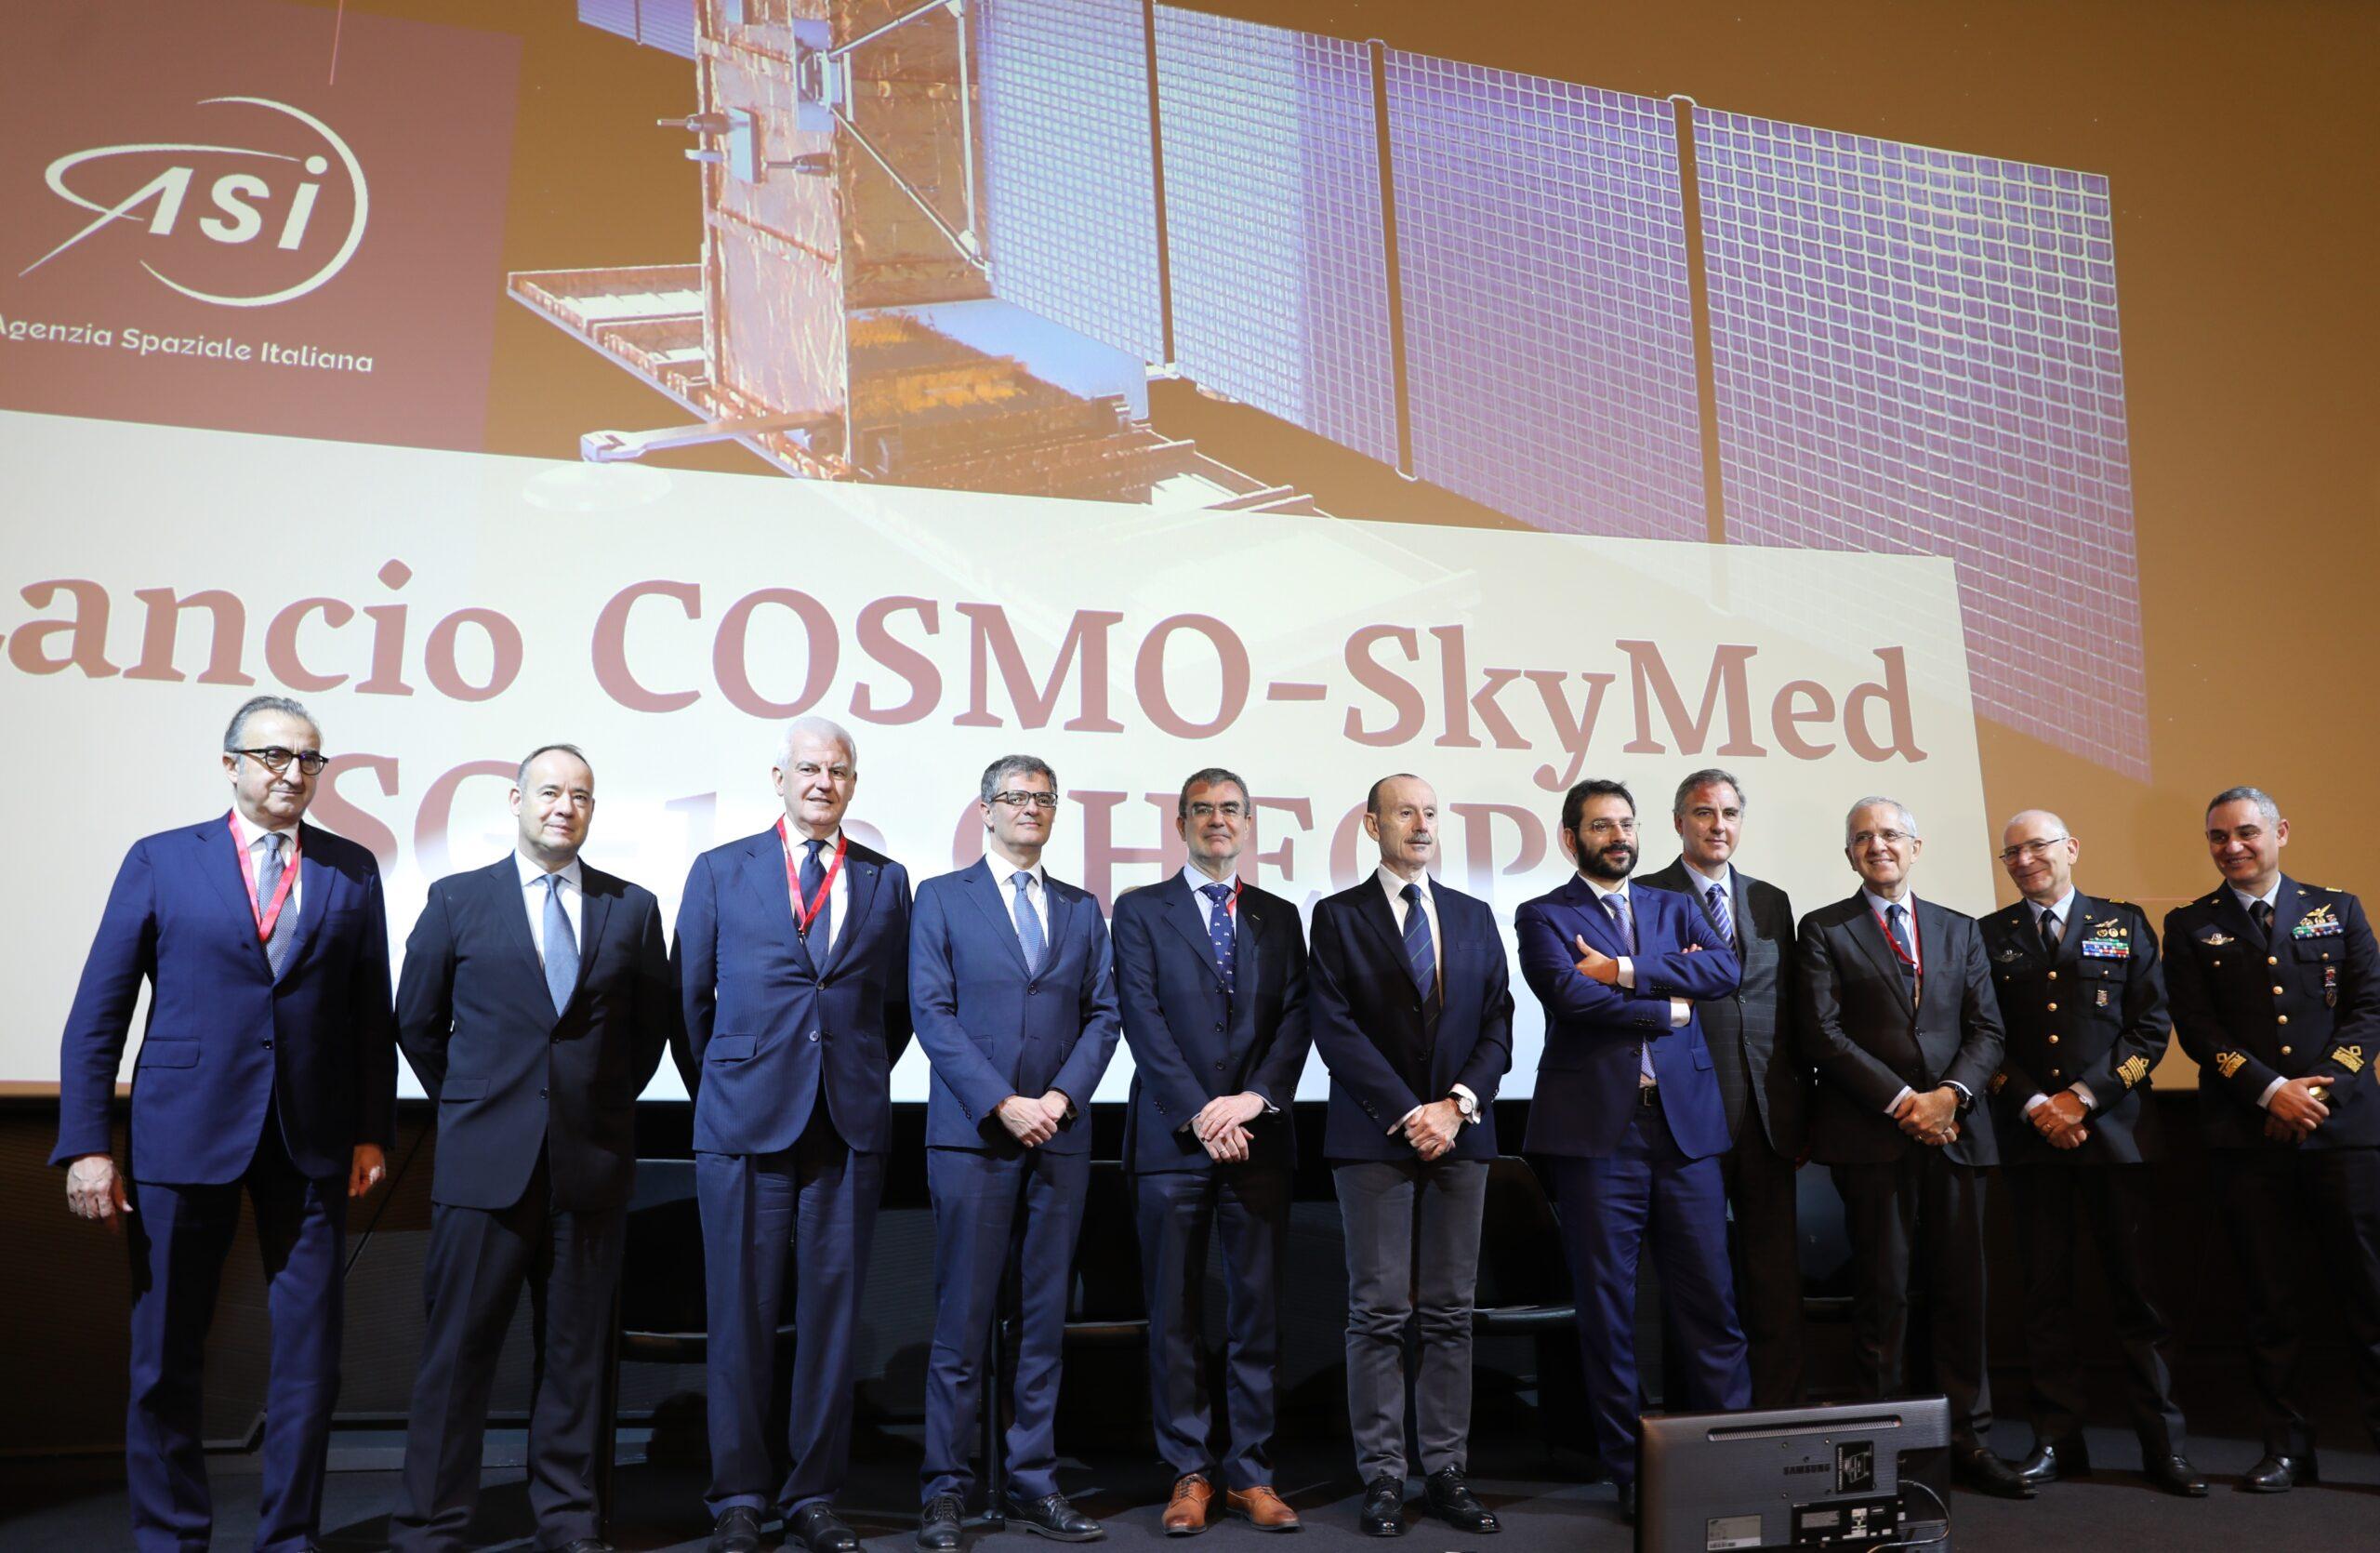 ASI - LIVE:  Lancio COSMO-SkyMed SG-1 e CHEOPS –   tra le 20:30 e le 22 nuova comunicazione sulla finestra di lancio